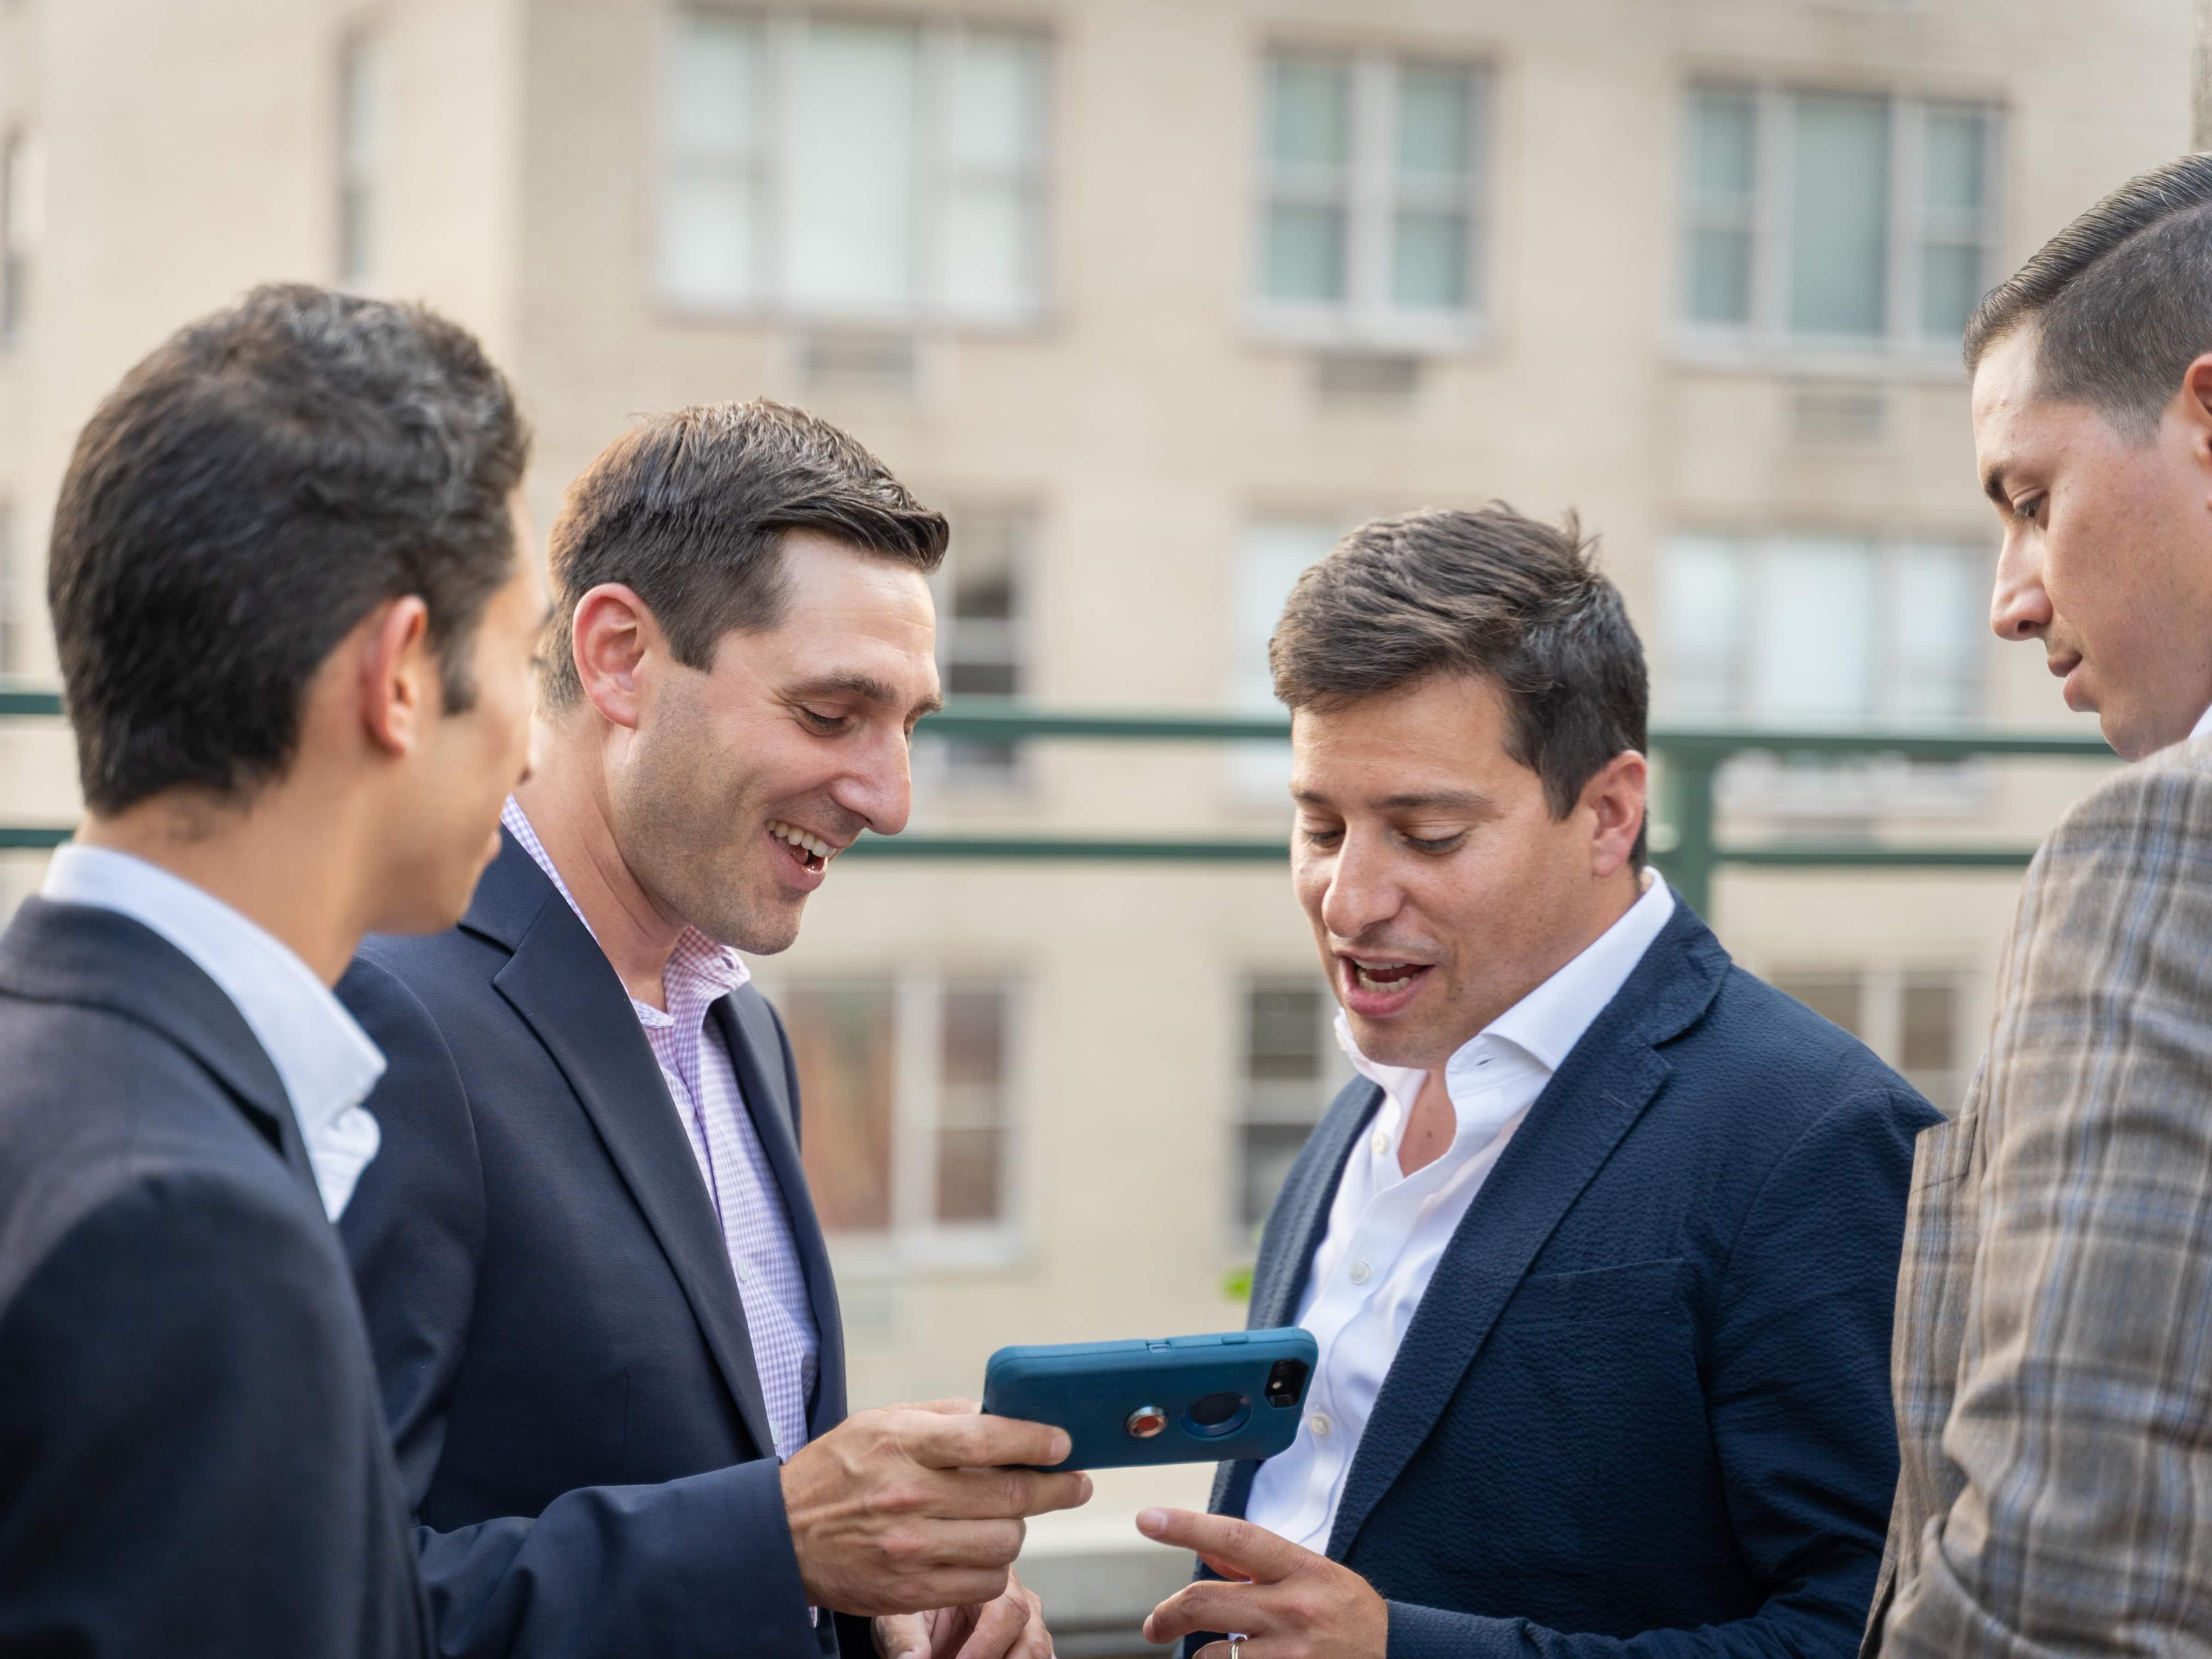 Our Team | New York City, NY | PowerForward Group